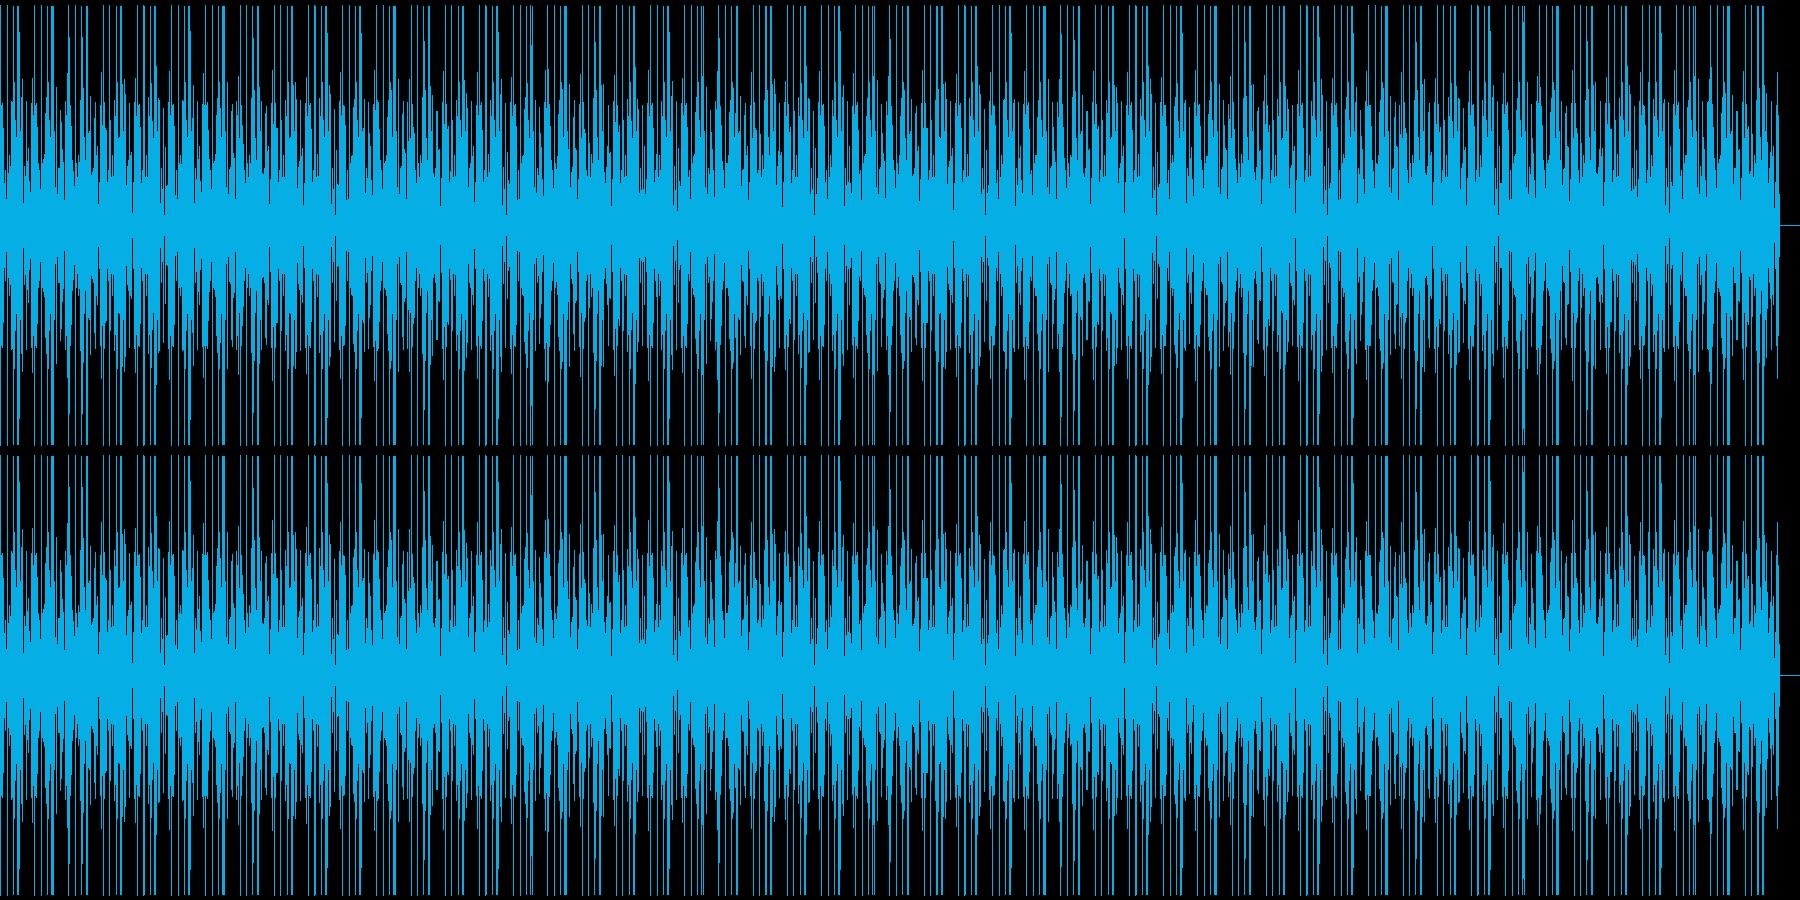 ボイパ ドラムループの再生済みの波形